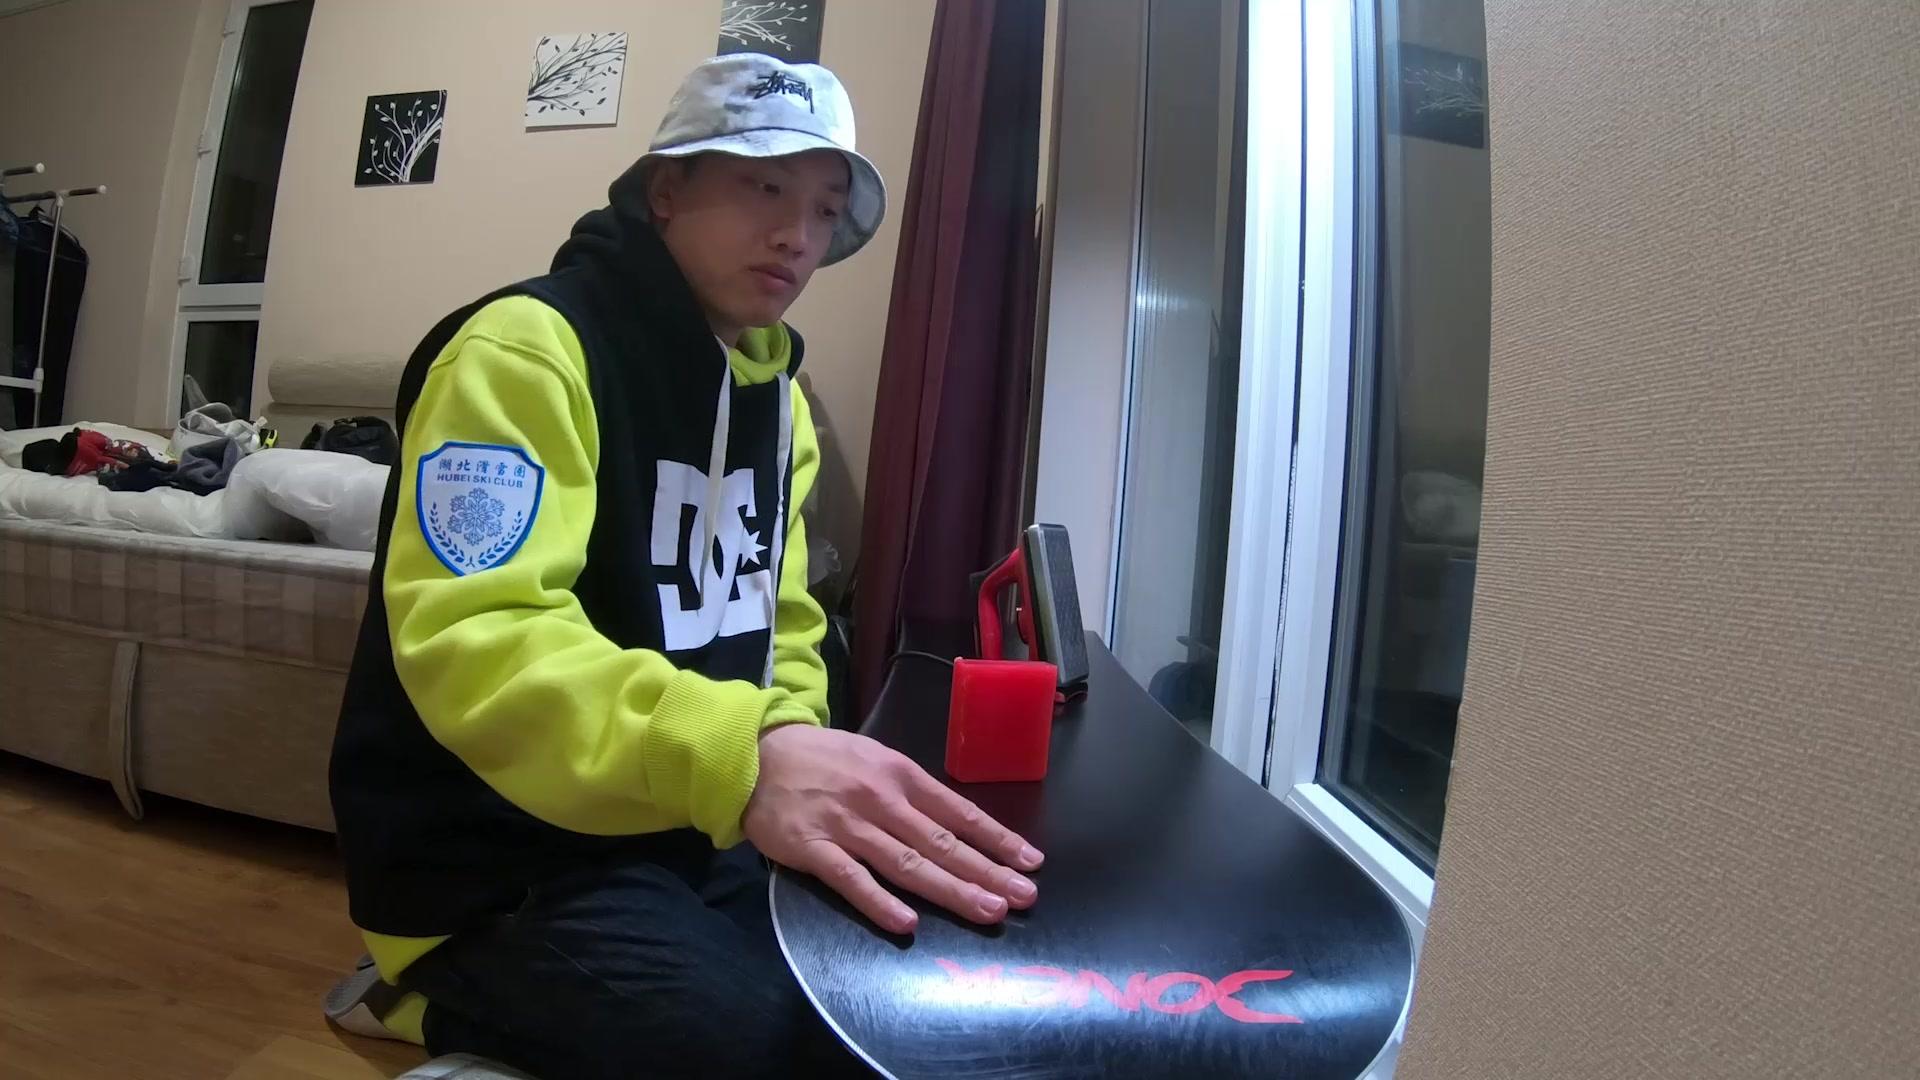 【夜洛VLOG 04】如何给自己心爱的滑雪板打蜡(日常维护)